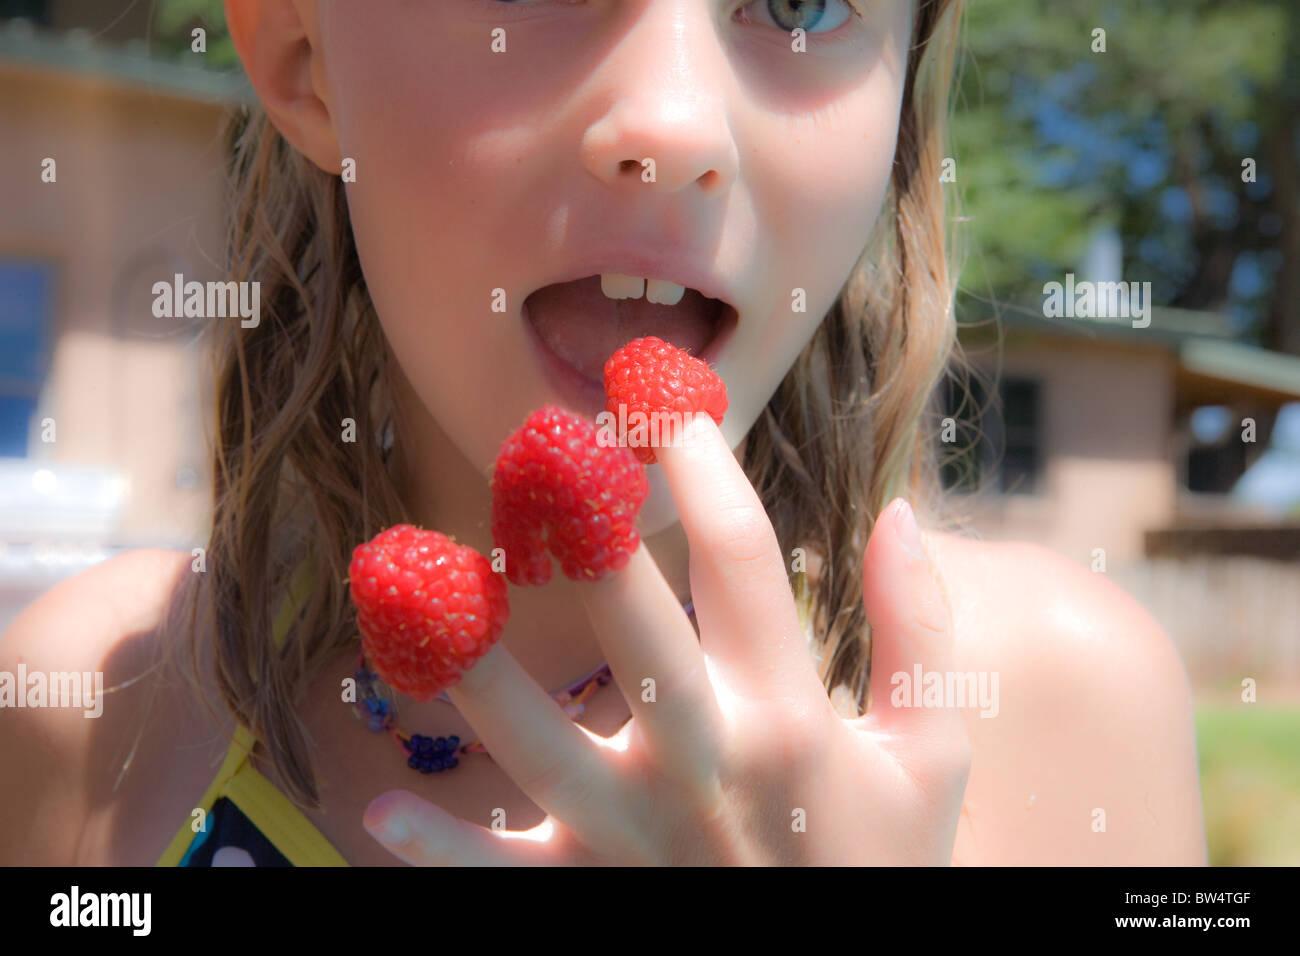 Fille avec framboises sur ses doigts, bouche ouverte Photo Stock